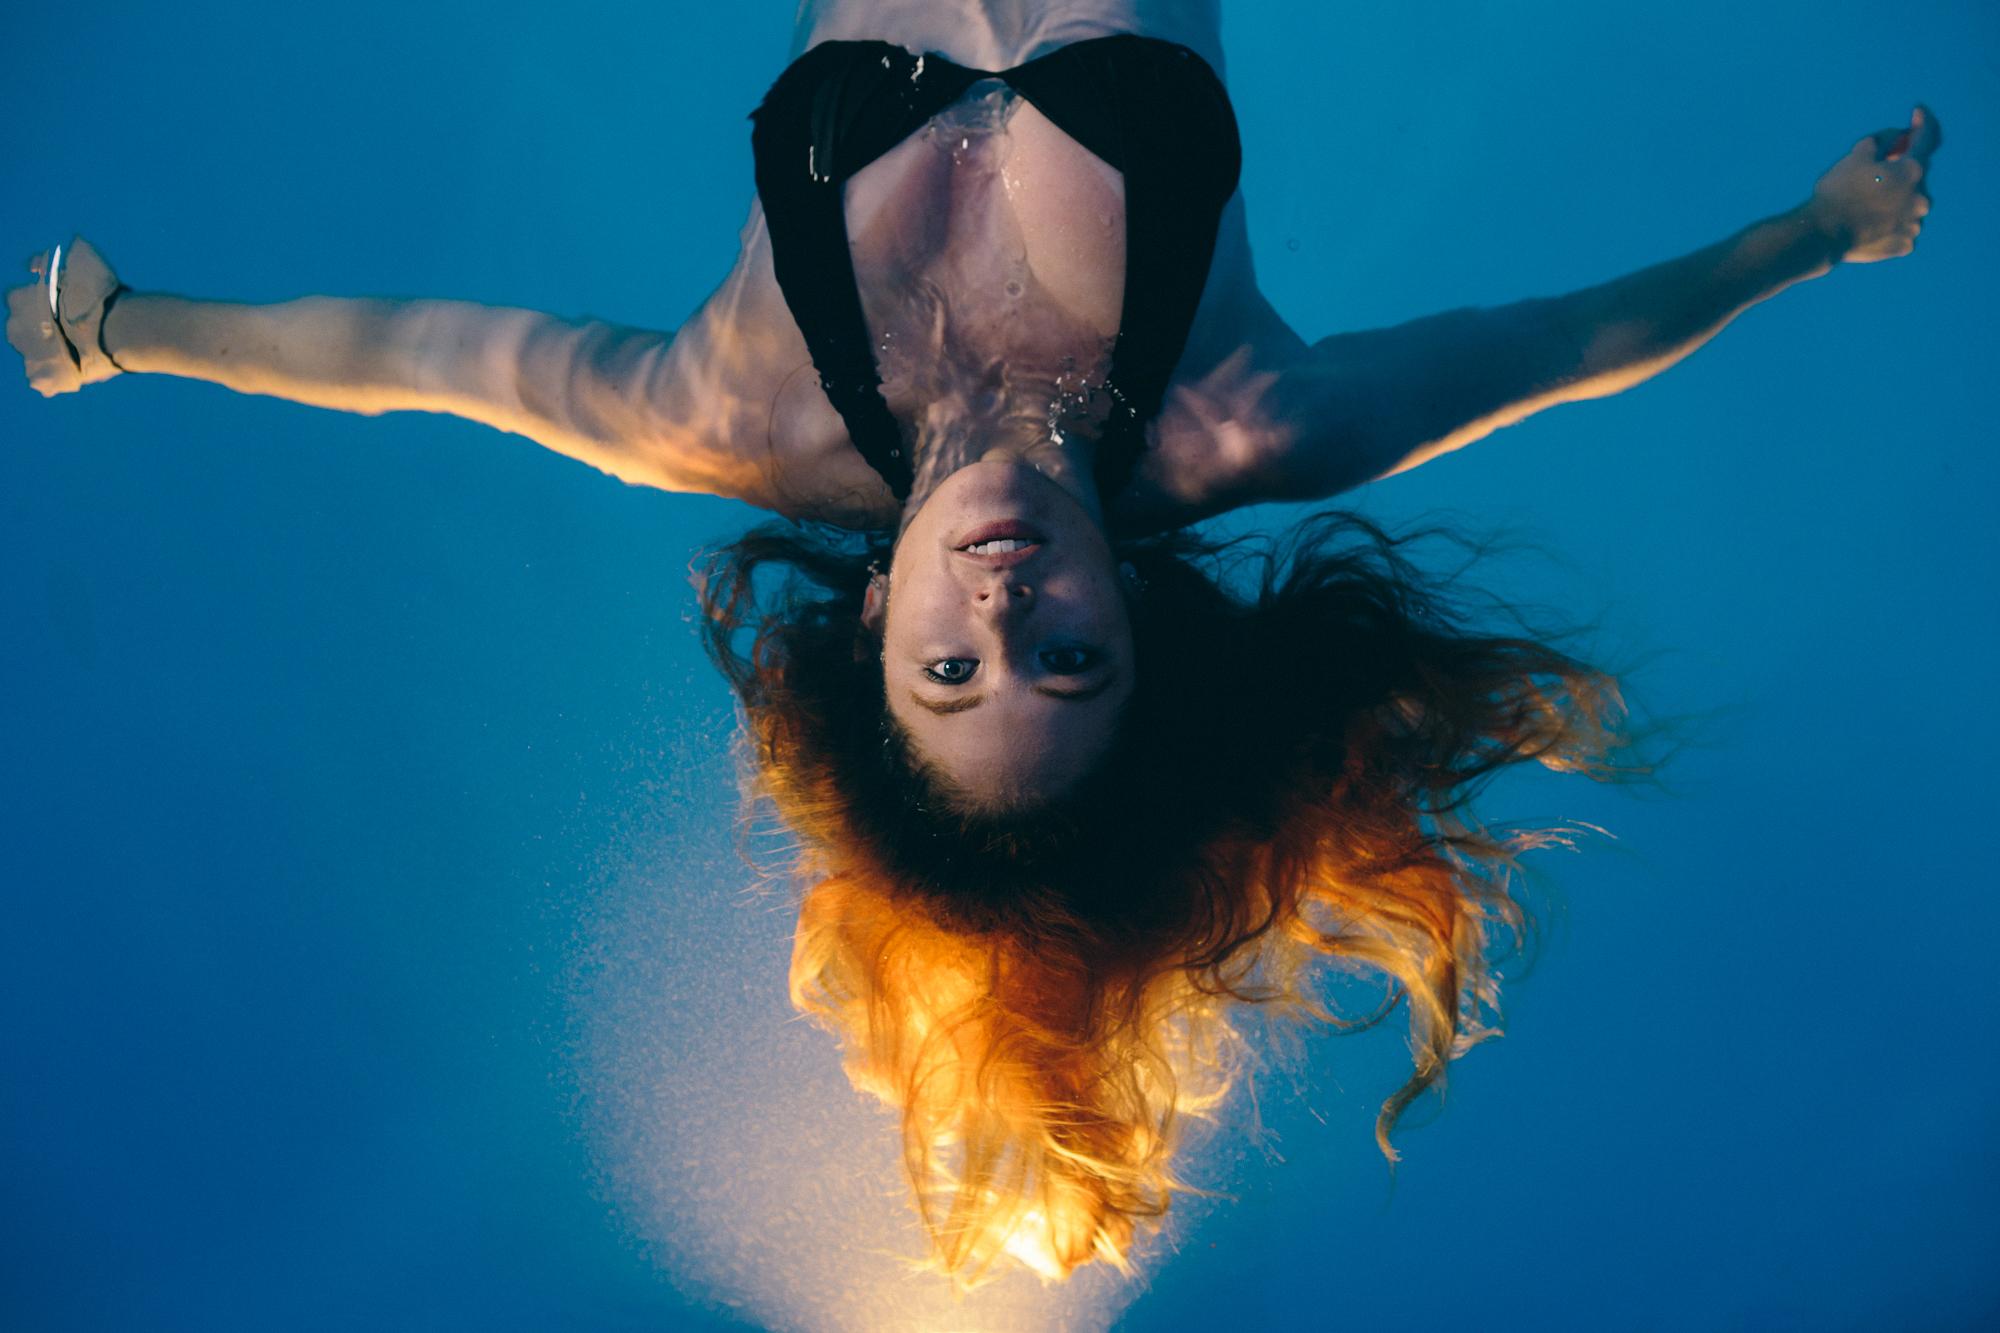 Sonja-pool.jpg